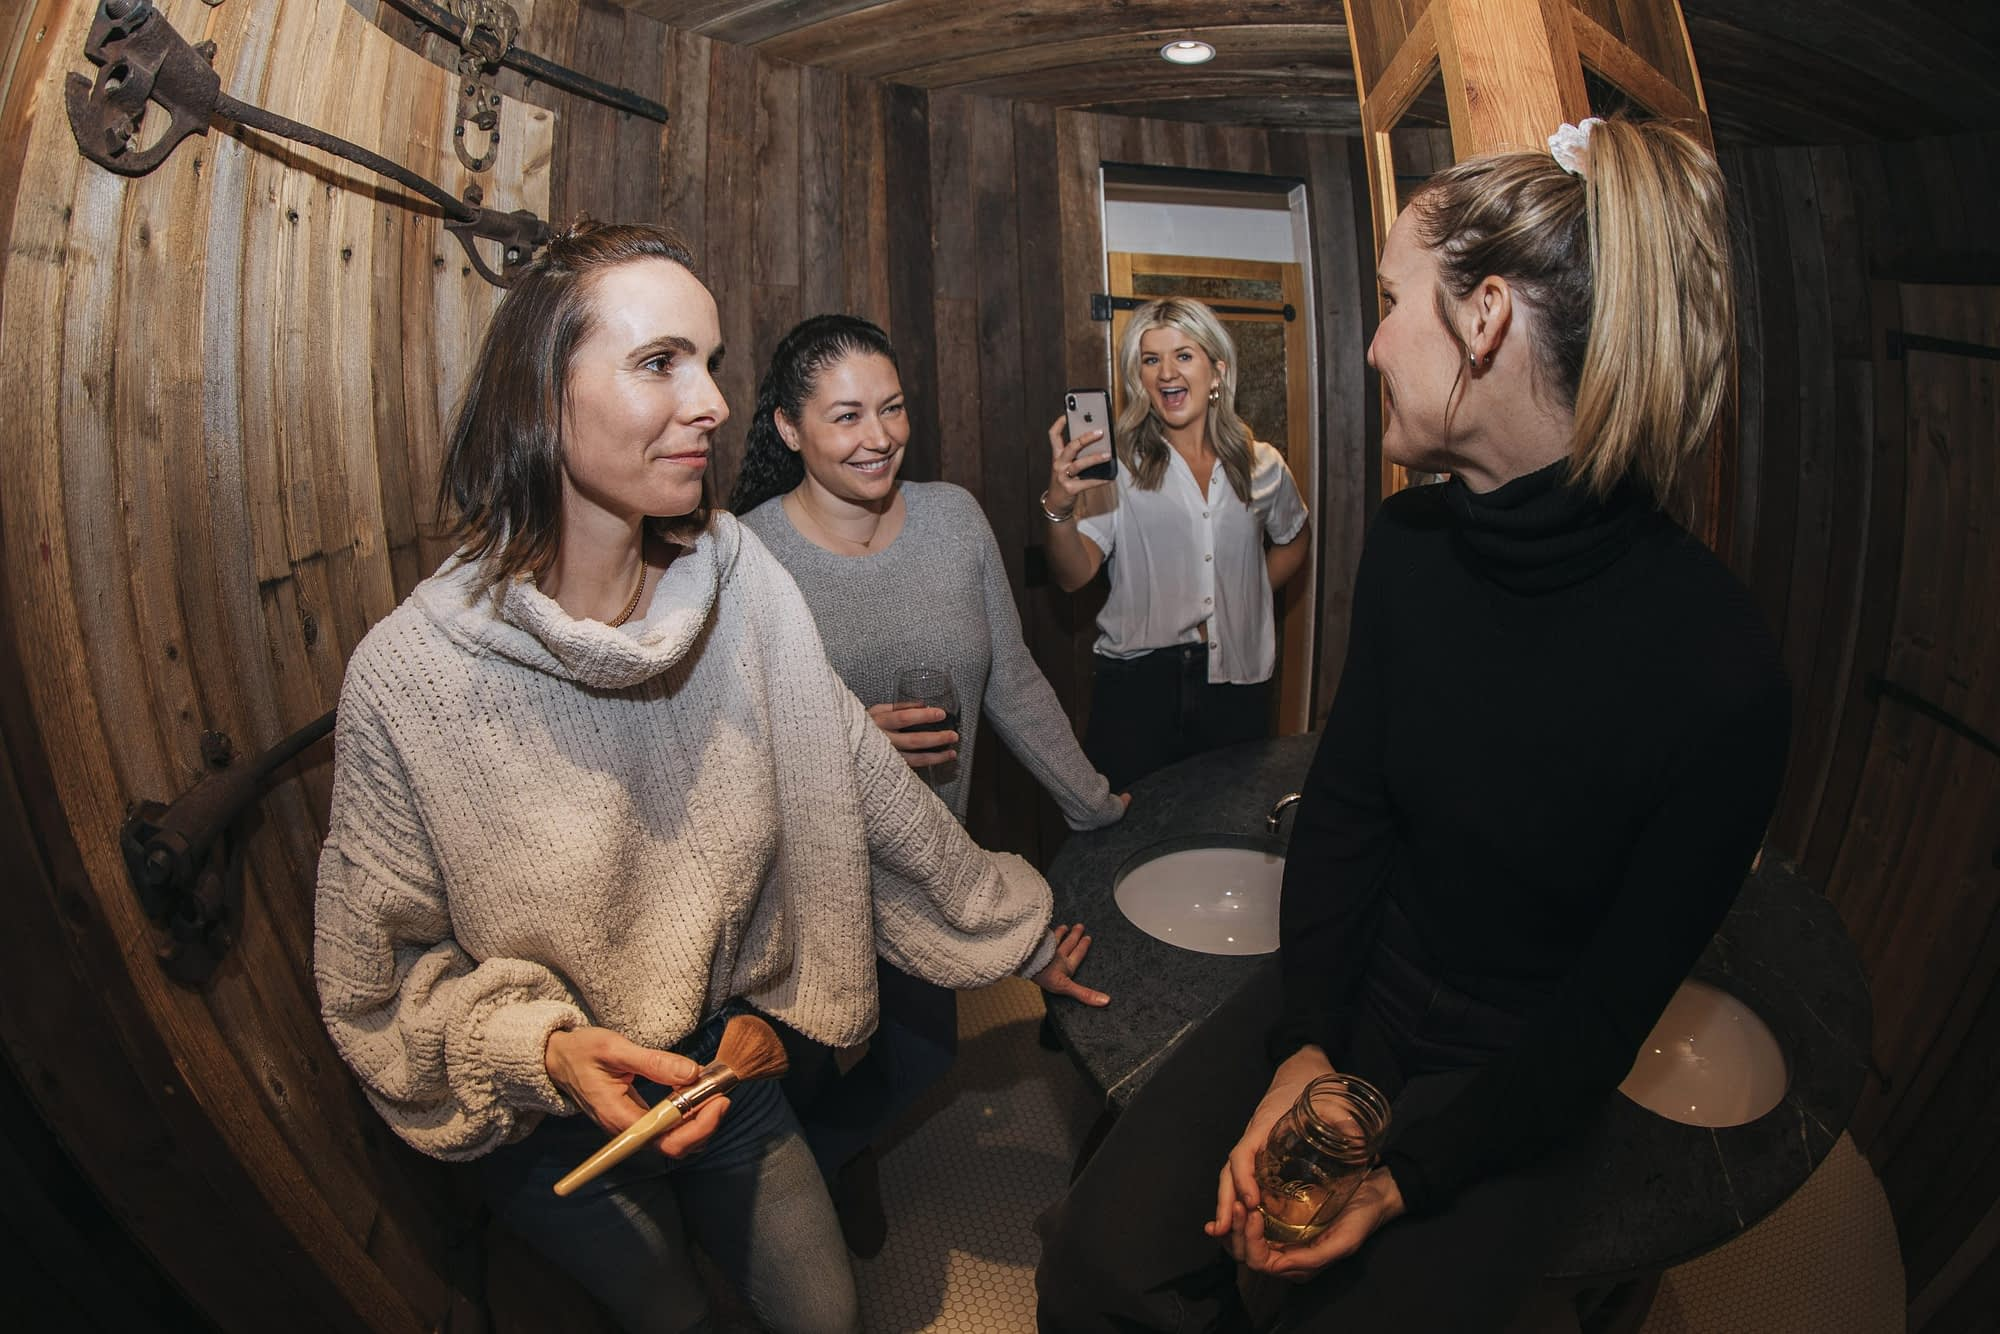 Four women one camera